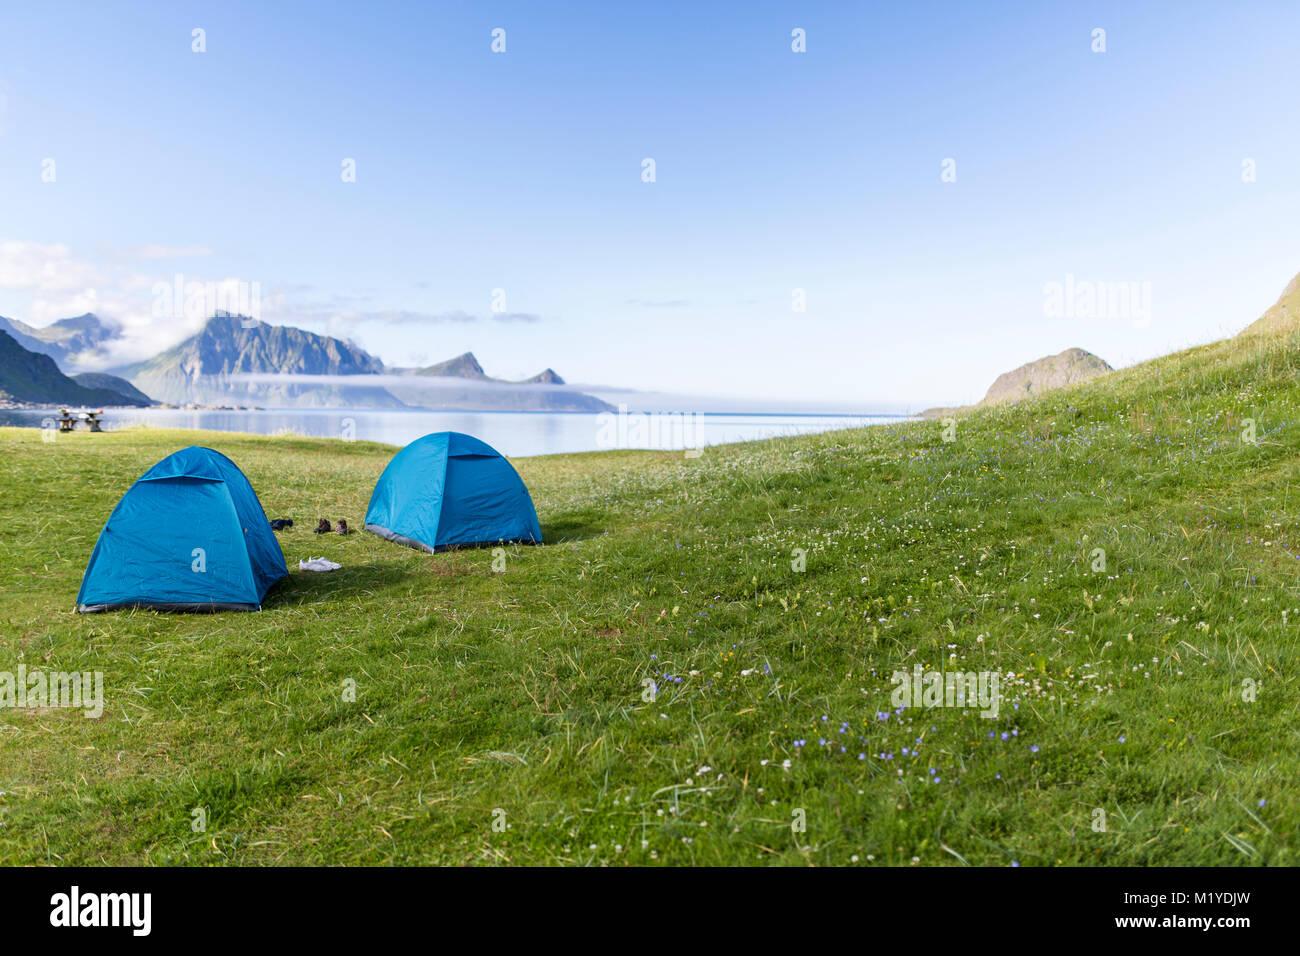 Zwei Zelte in das grüne Gras vor dem Meer. Haukland Strand, Lofoten, Norwegen. Stockfoto